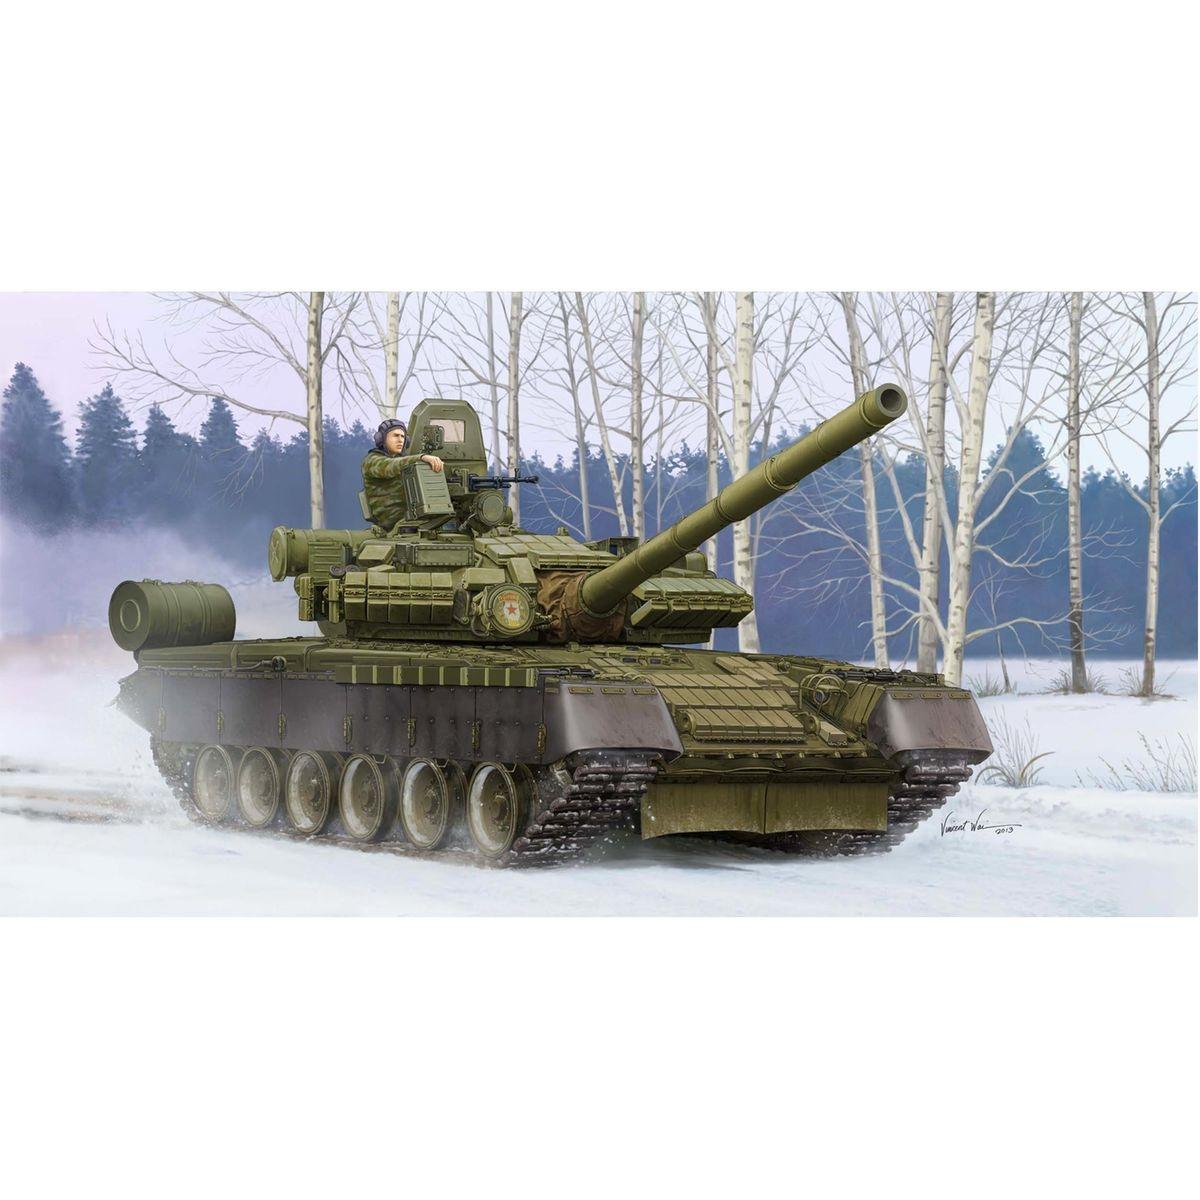 Maquette char russe T-80BV modèle 1990